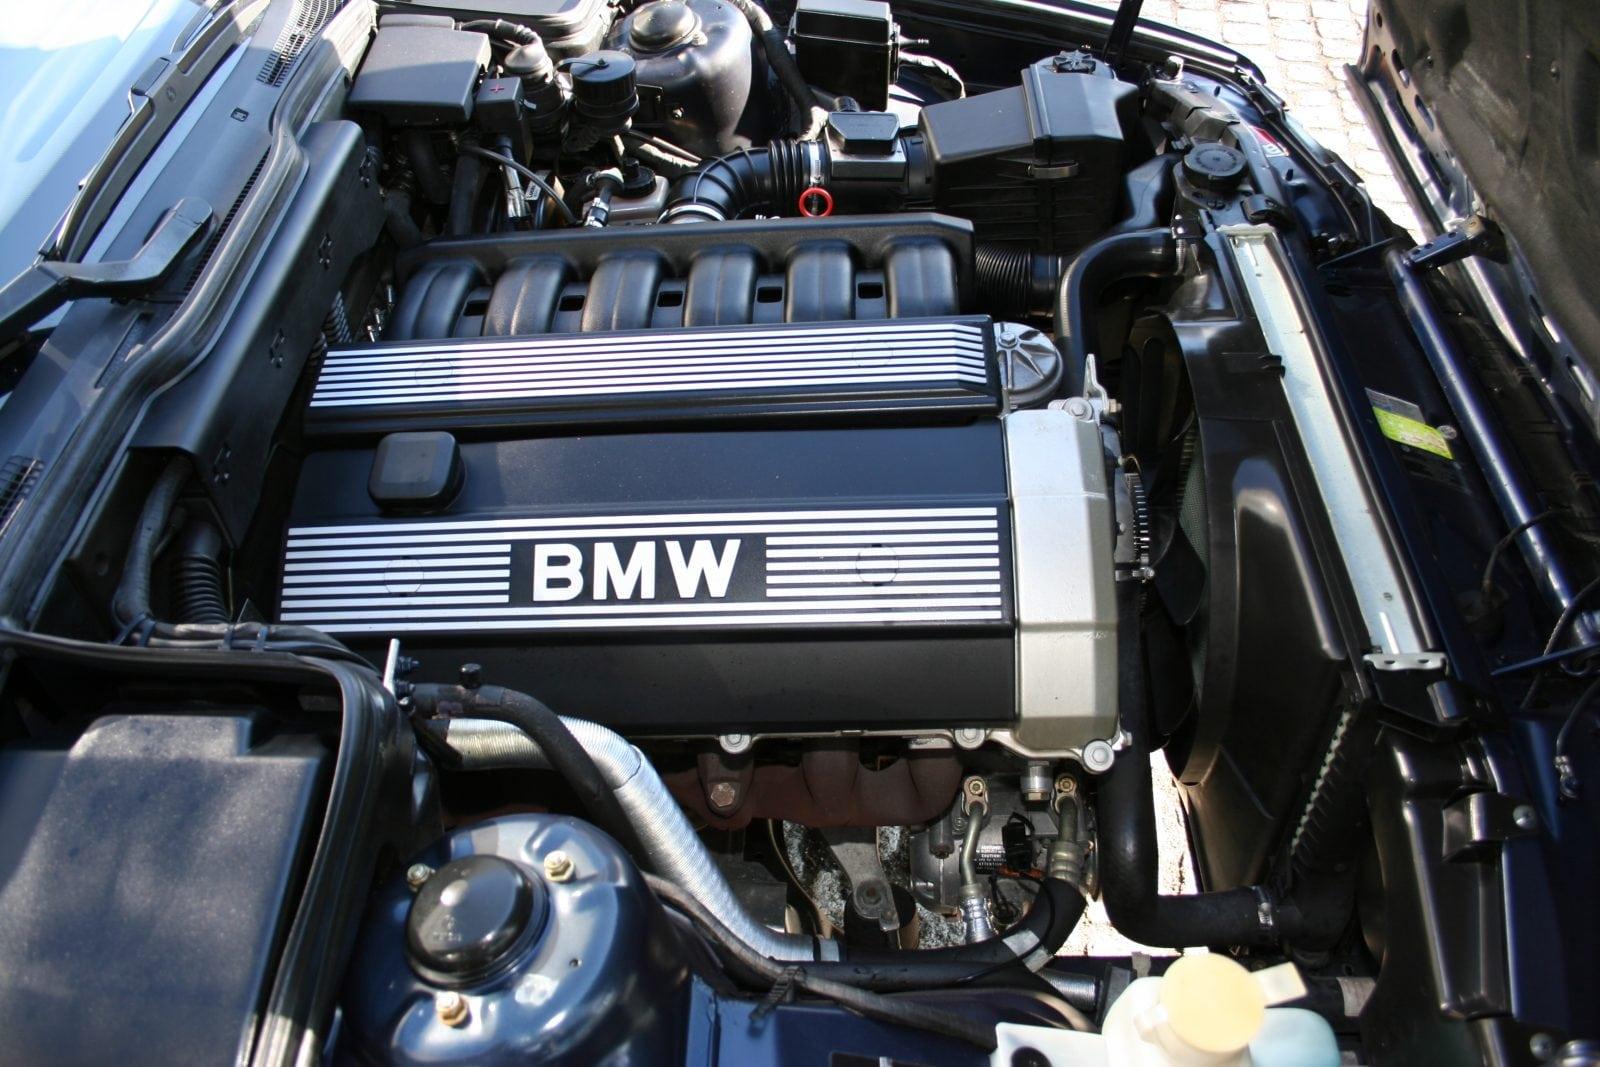 Двигатель M50, пришедший на замену устаревшему M20. Стал и остается возможно самым удачным двигателем BMW по сочетанию потребительских характеристик.